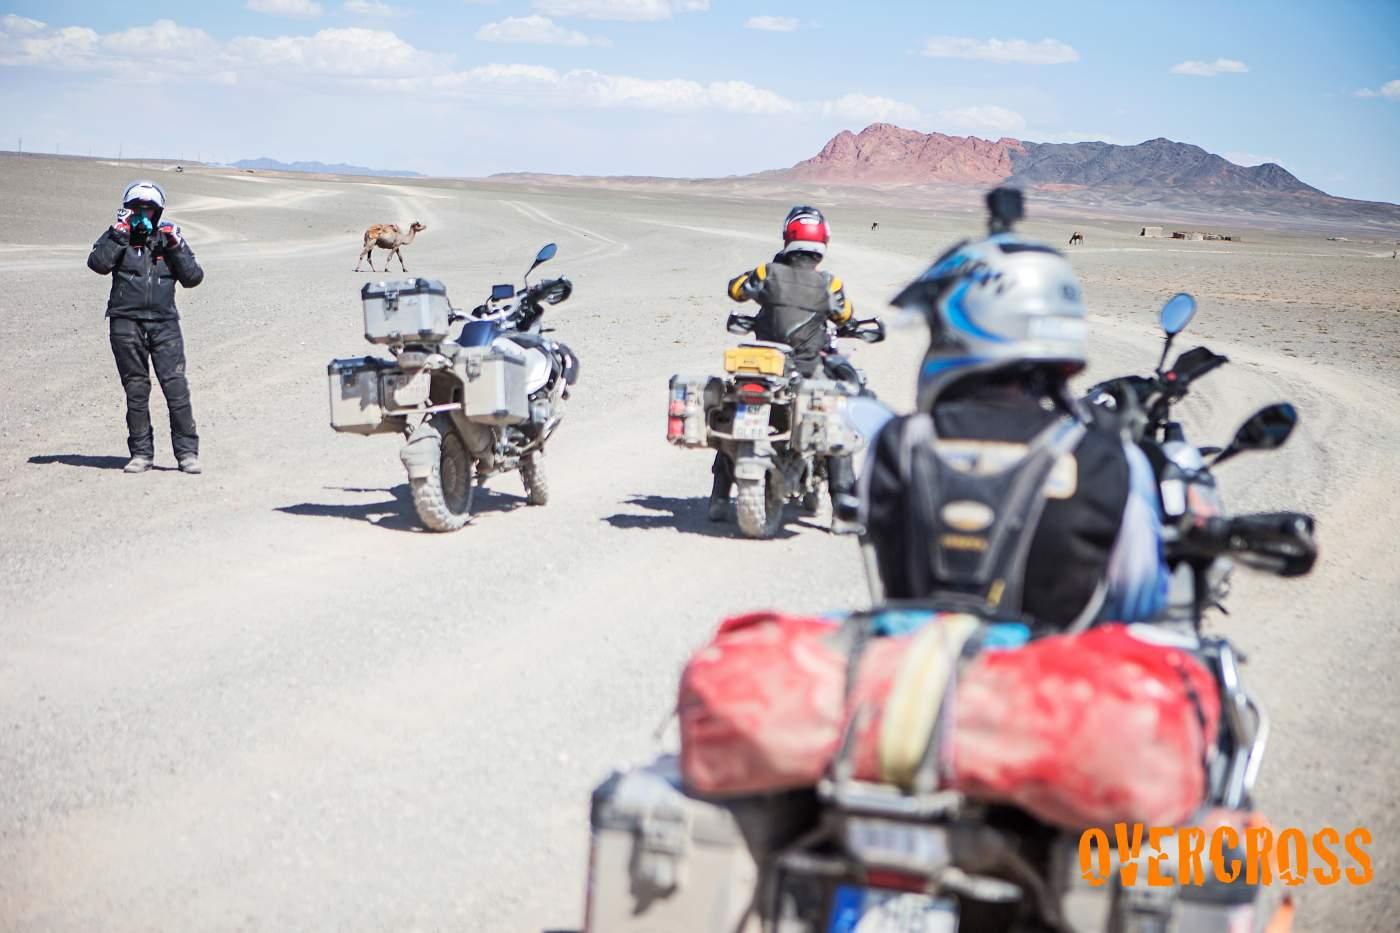 overcross motorradreise von deutschland in die mongolei. Black Bedroom Furniture Sets. Home Design Ideas